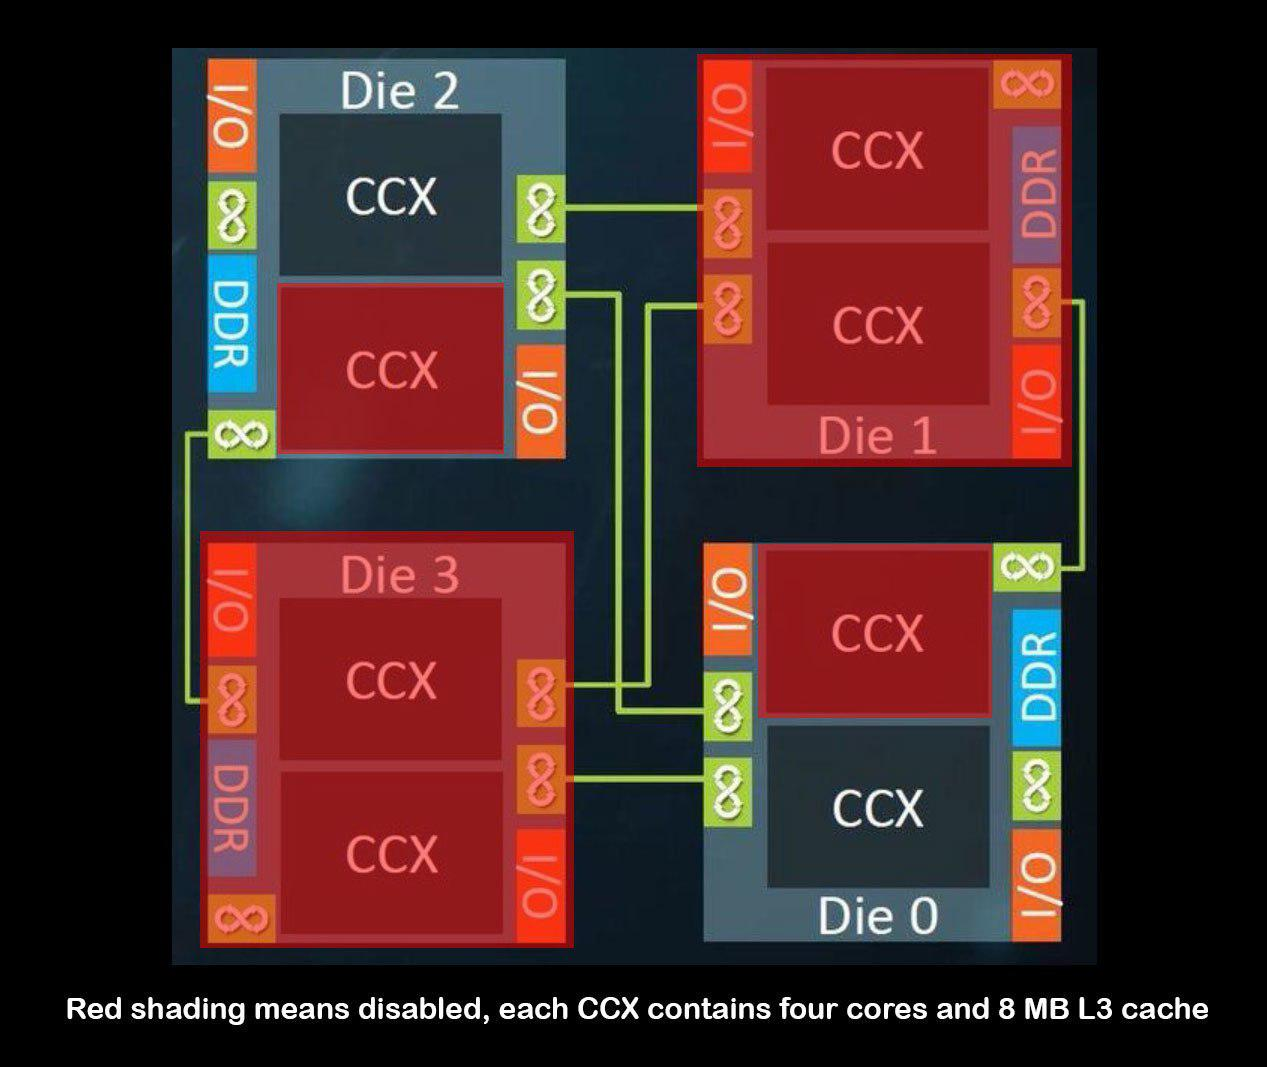 اطلاعات کاملی درباره پیکربندی پردازنده رایزن تردریپر 1900X منتشر شد؛ نیمی فعال و نیمی غیر فعال!